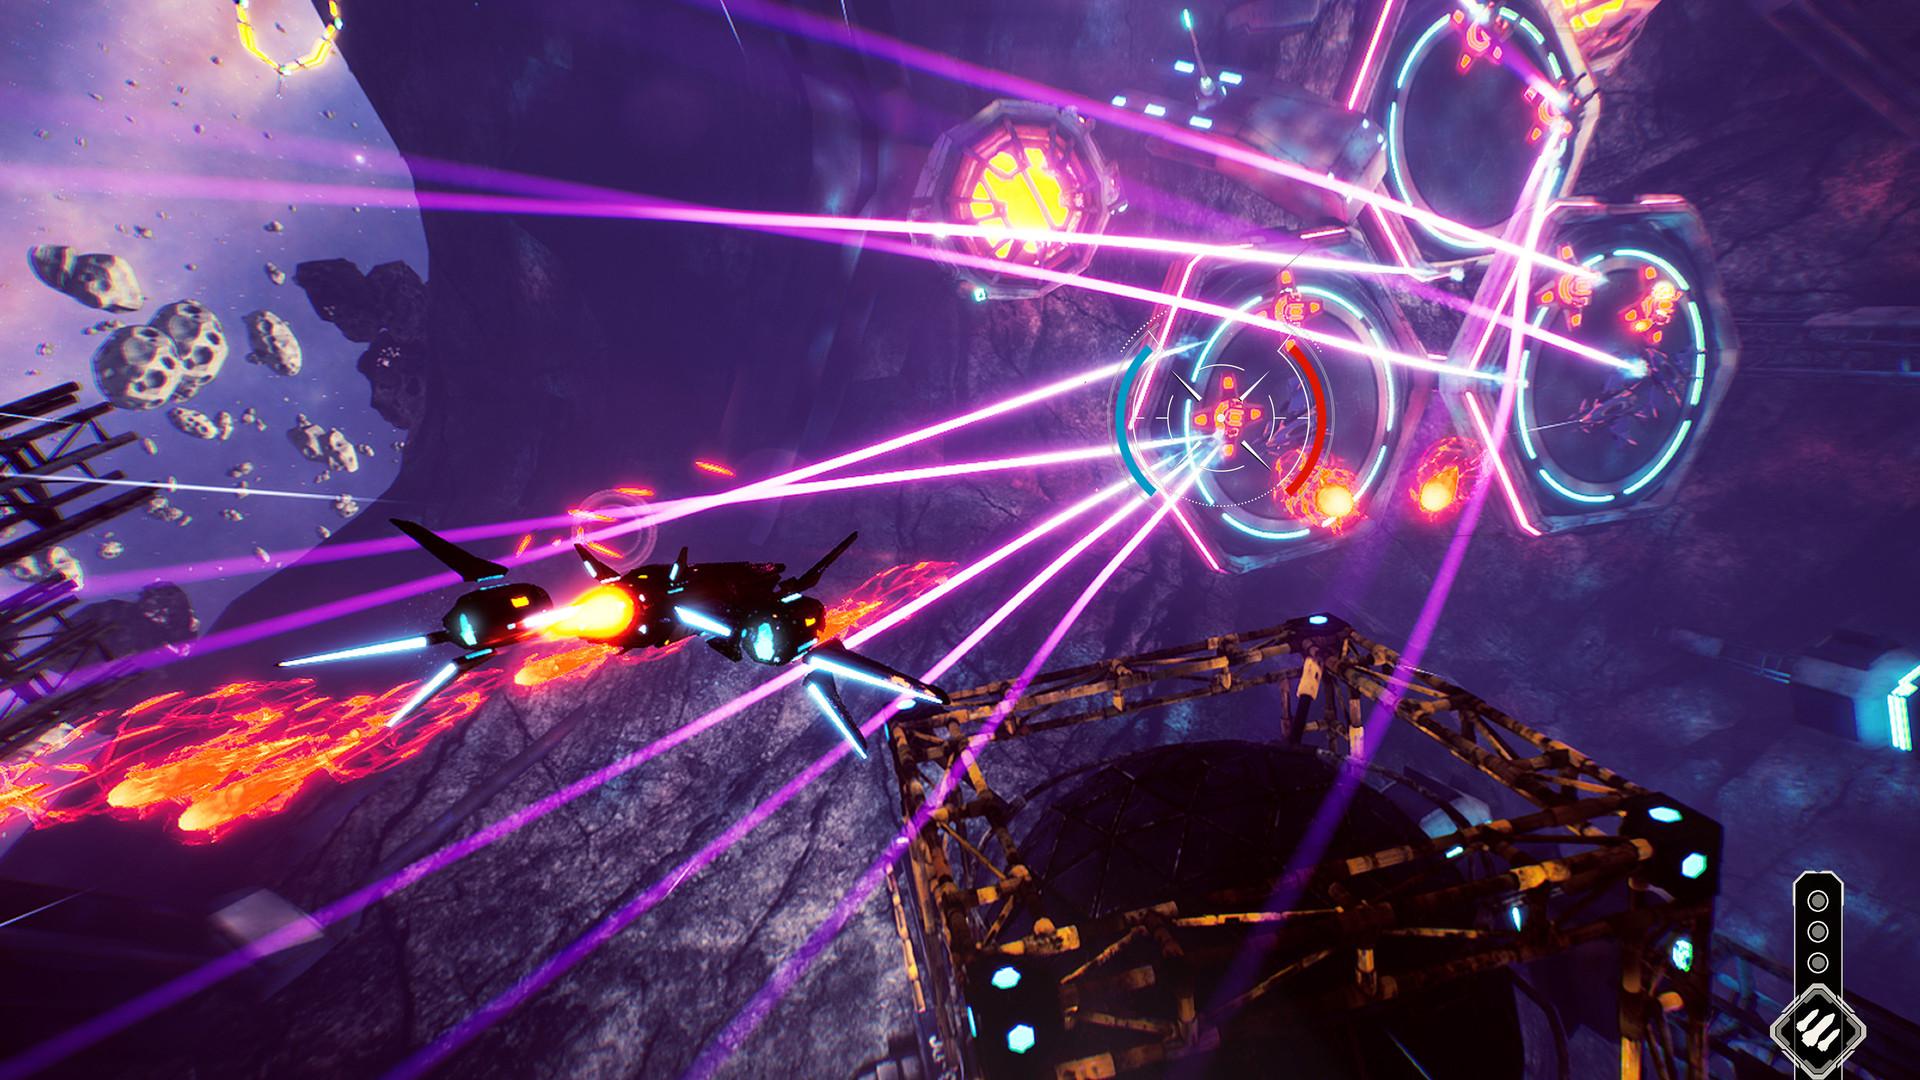 redout-space-assault-pc-screenshot-02